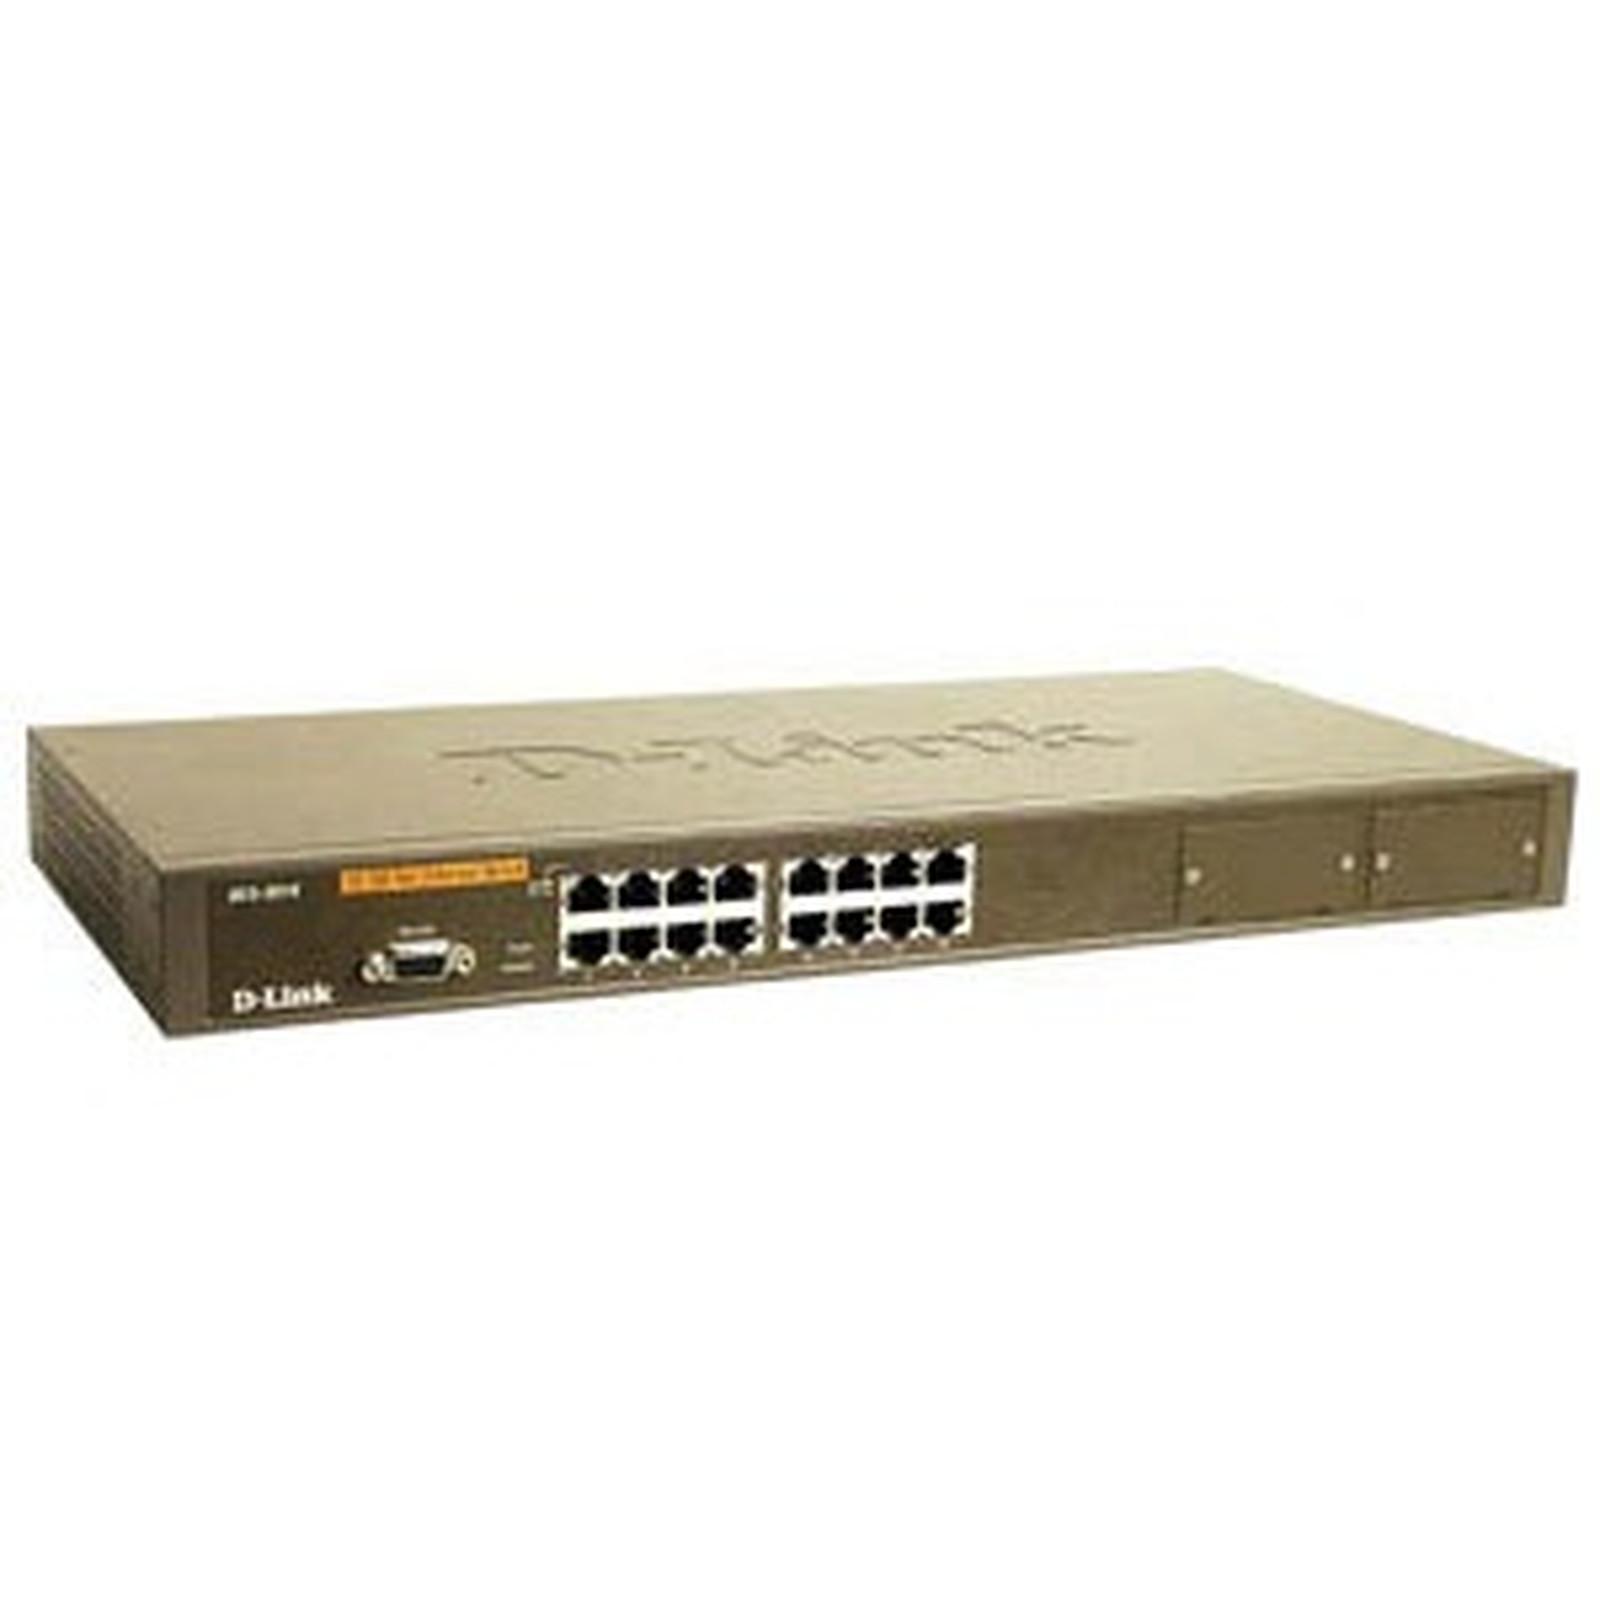 D-link DES-3018